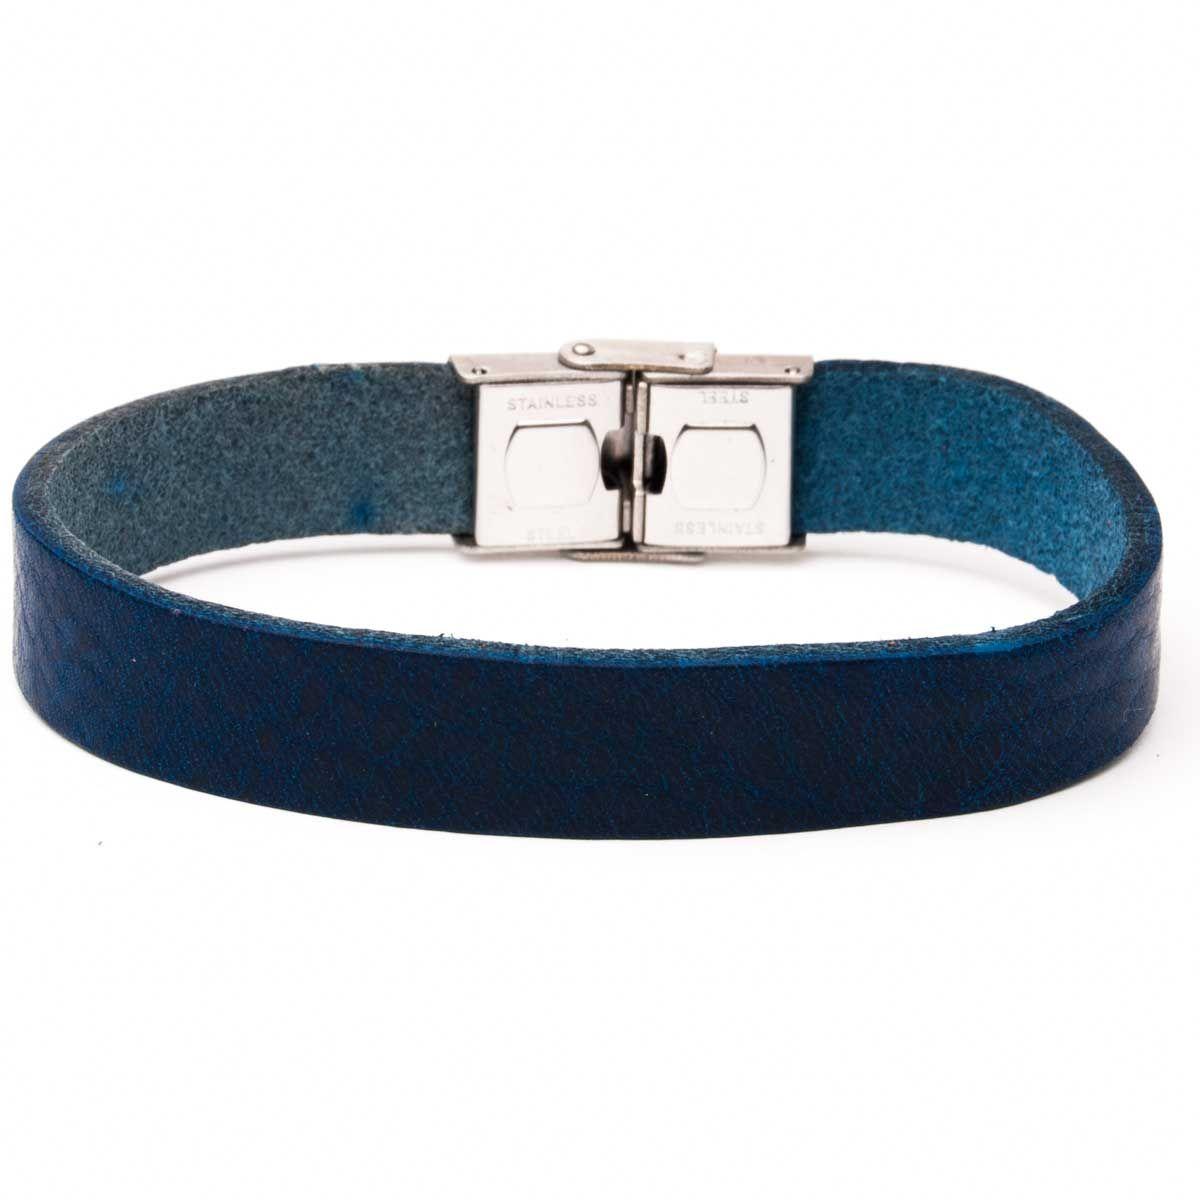 Montevita Artisanal Bracelet in Blue